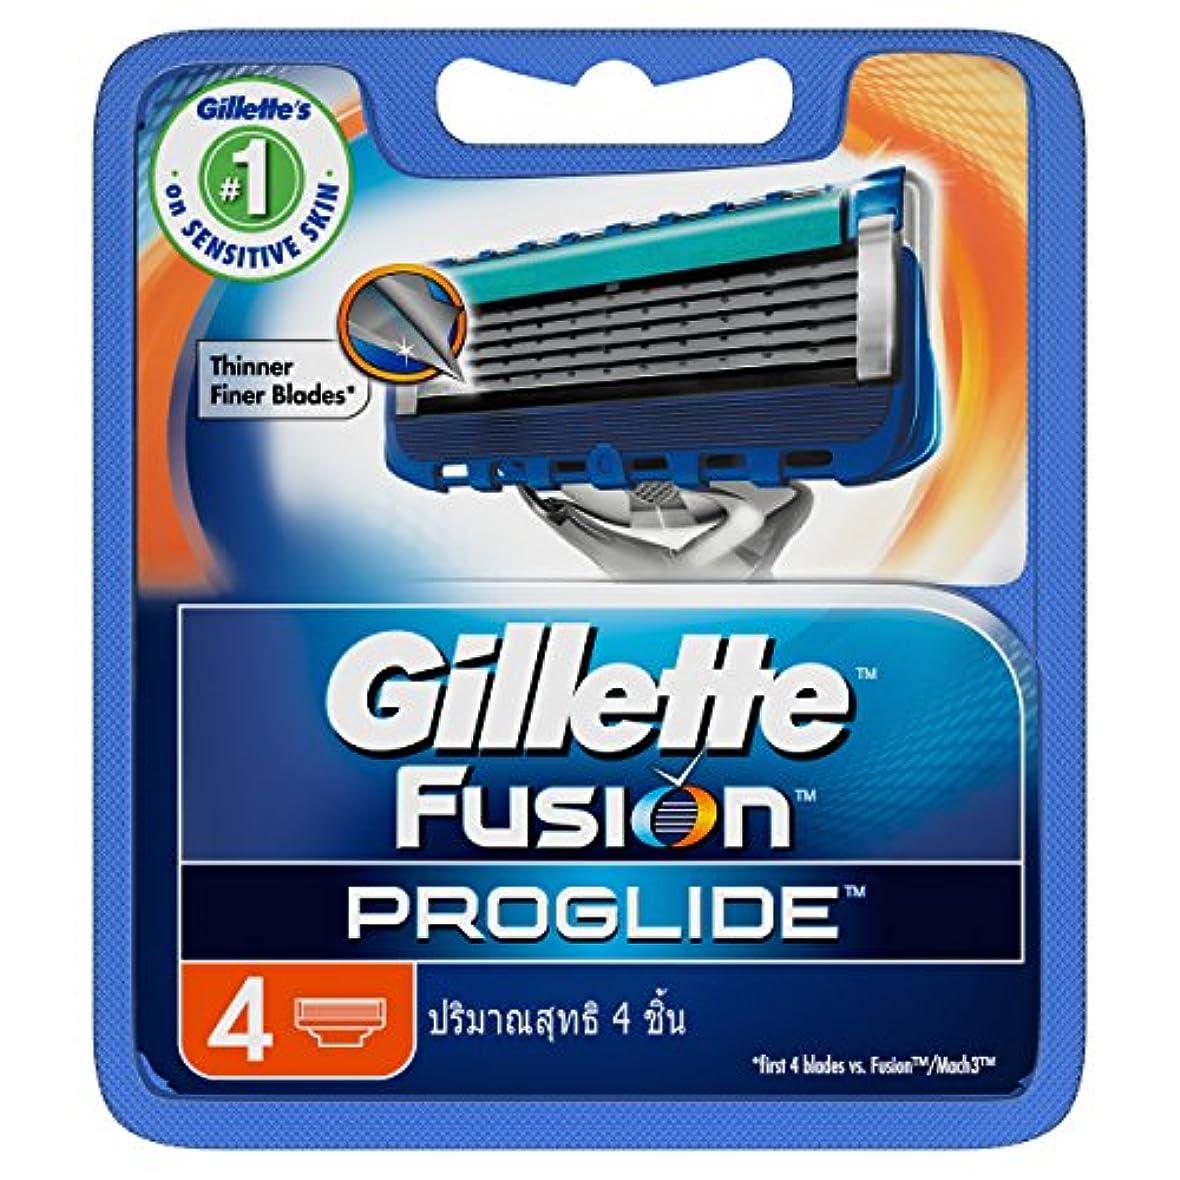 スワップ五十あからさまGillette Fusion Proglide Shaving Cartridges 4